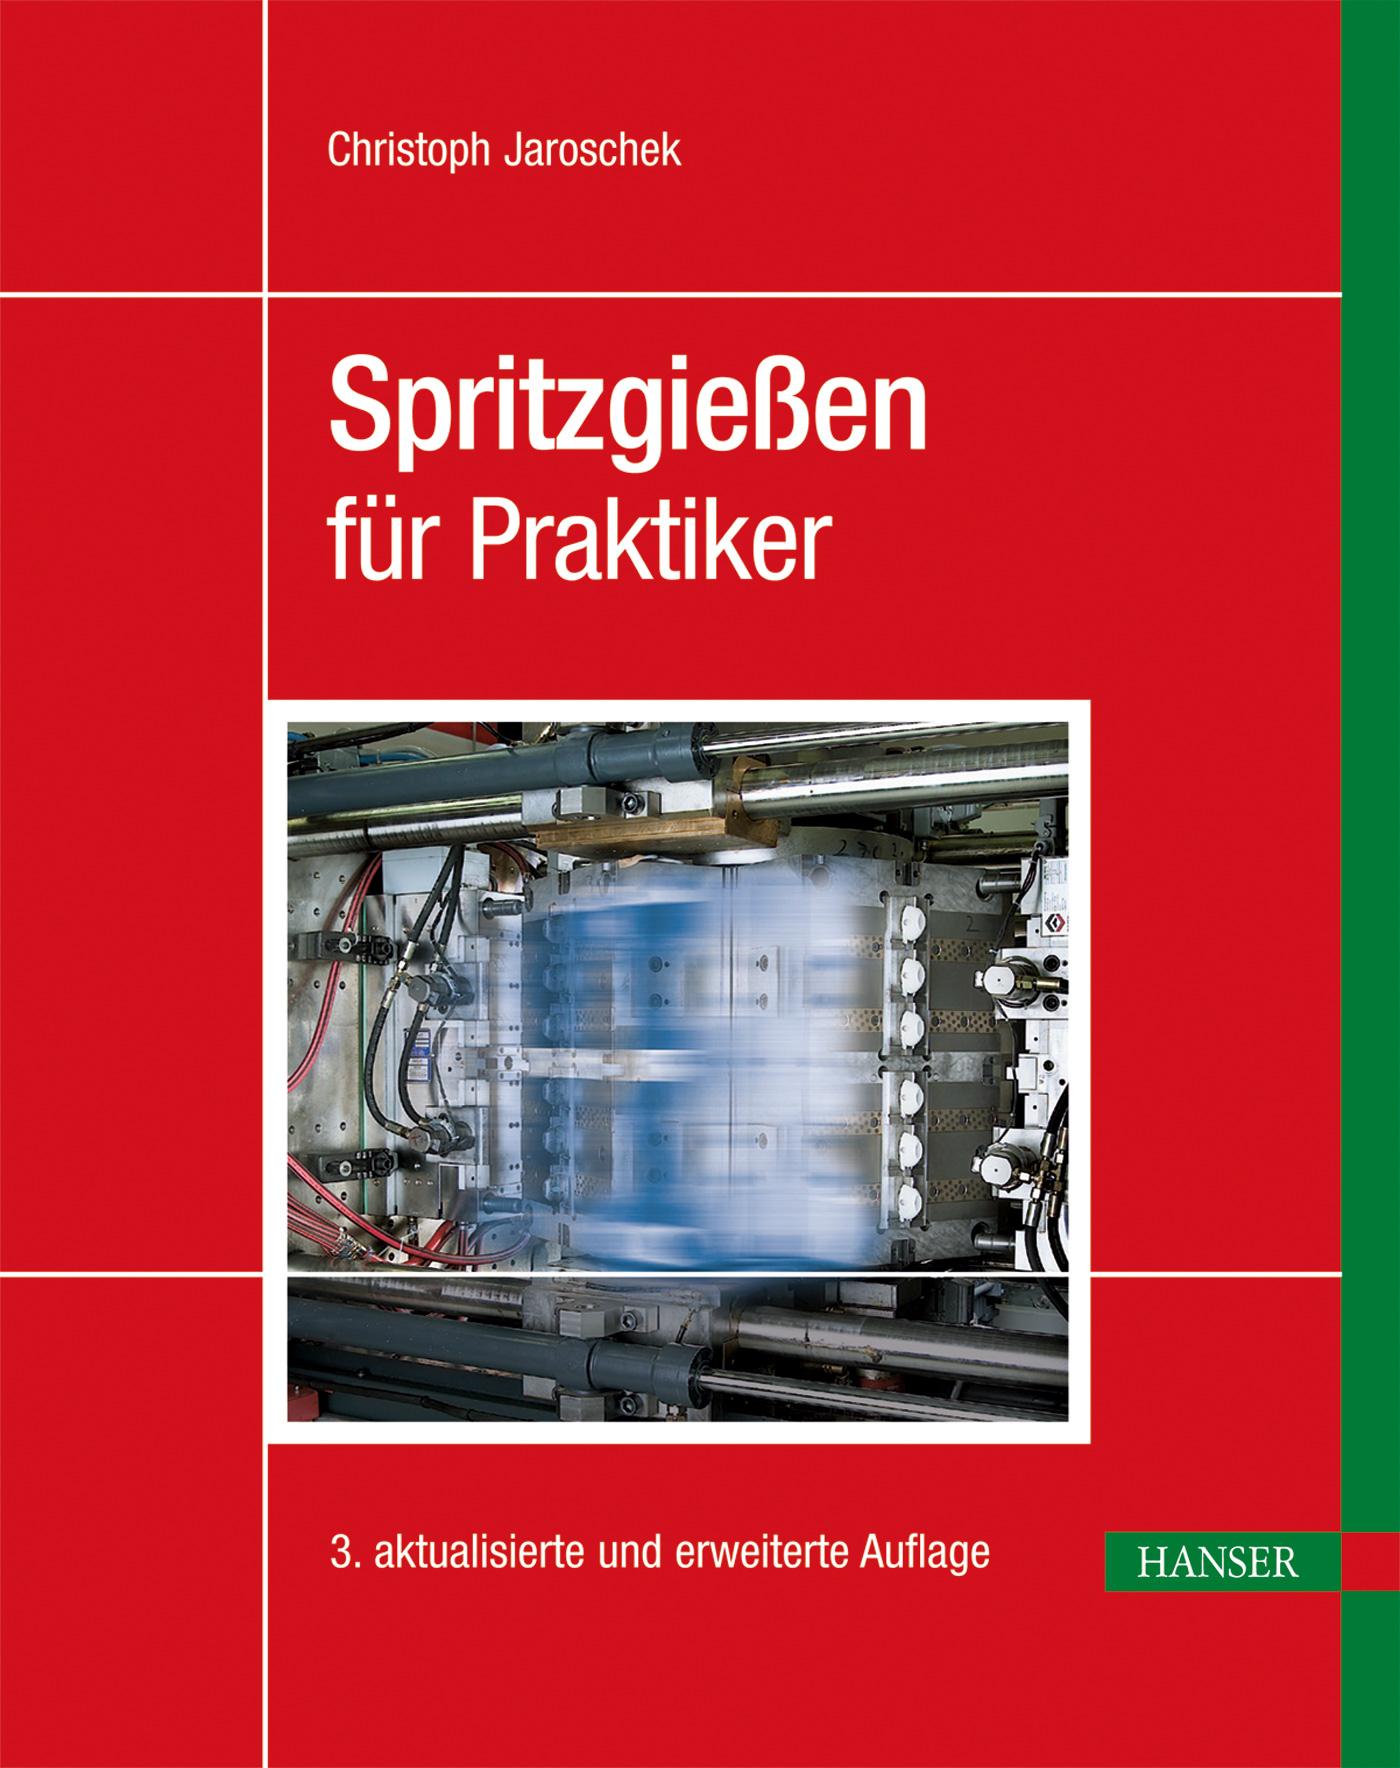 Jaroschek, Spritzgießen für Praktiker, 978-3-446-43360-1